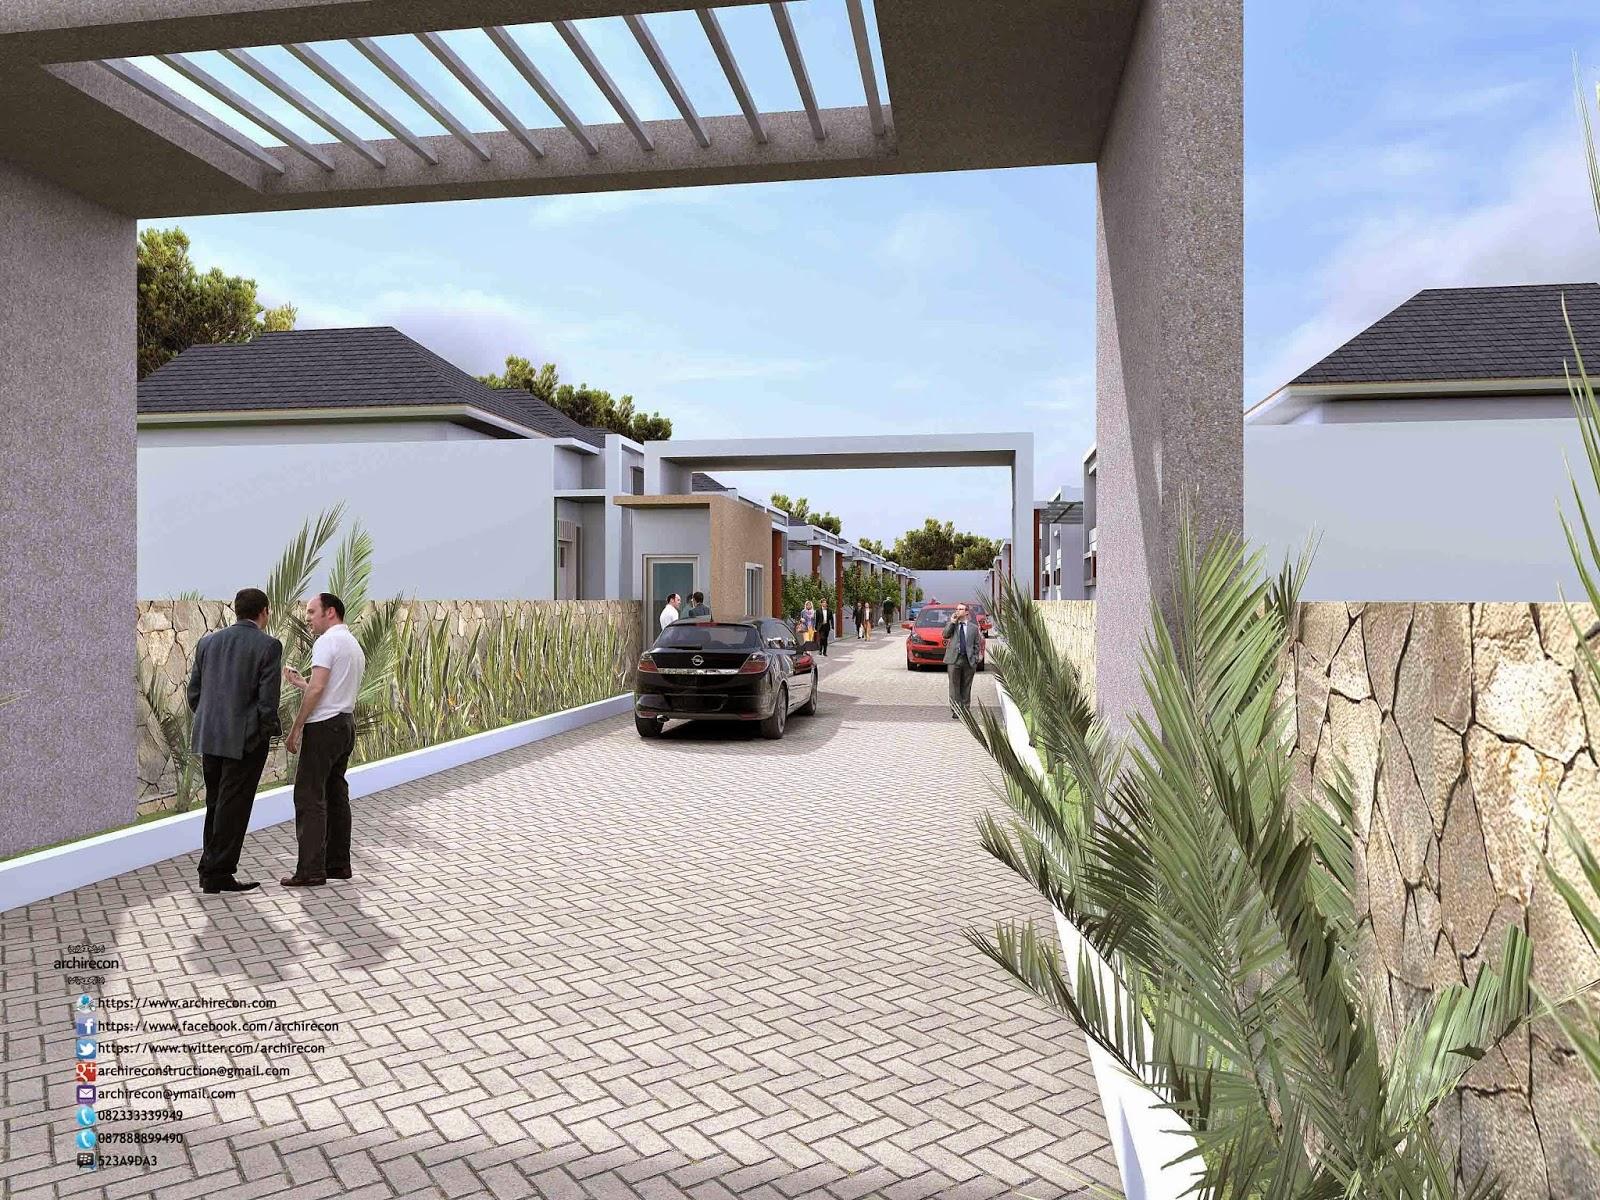 Desain Rumah Minimalis Perumahan Griya Mas Sidoarjo - Pintu Gerbang 2